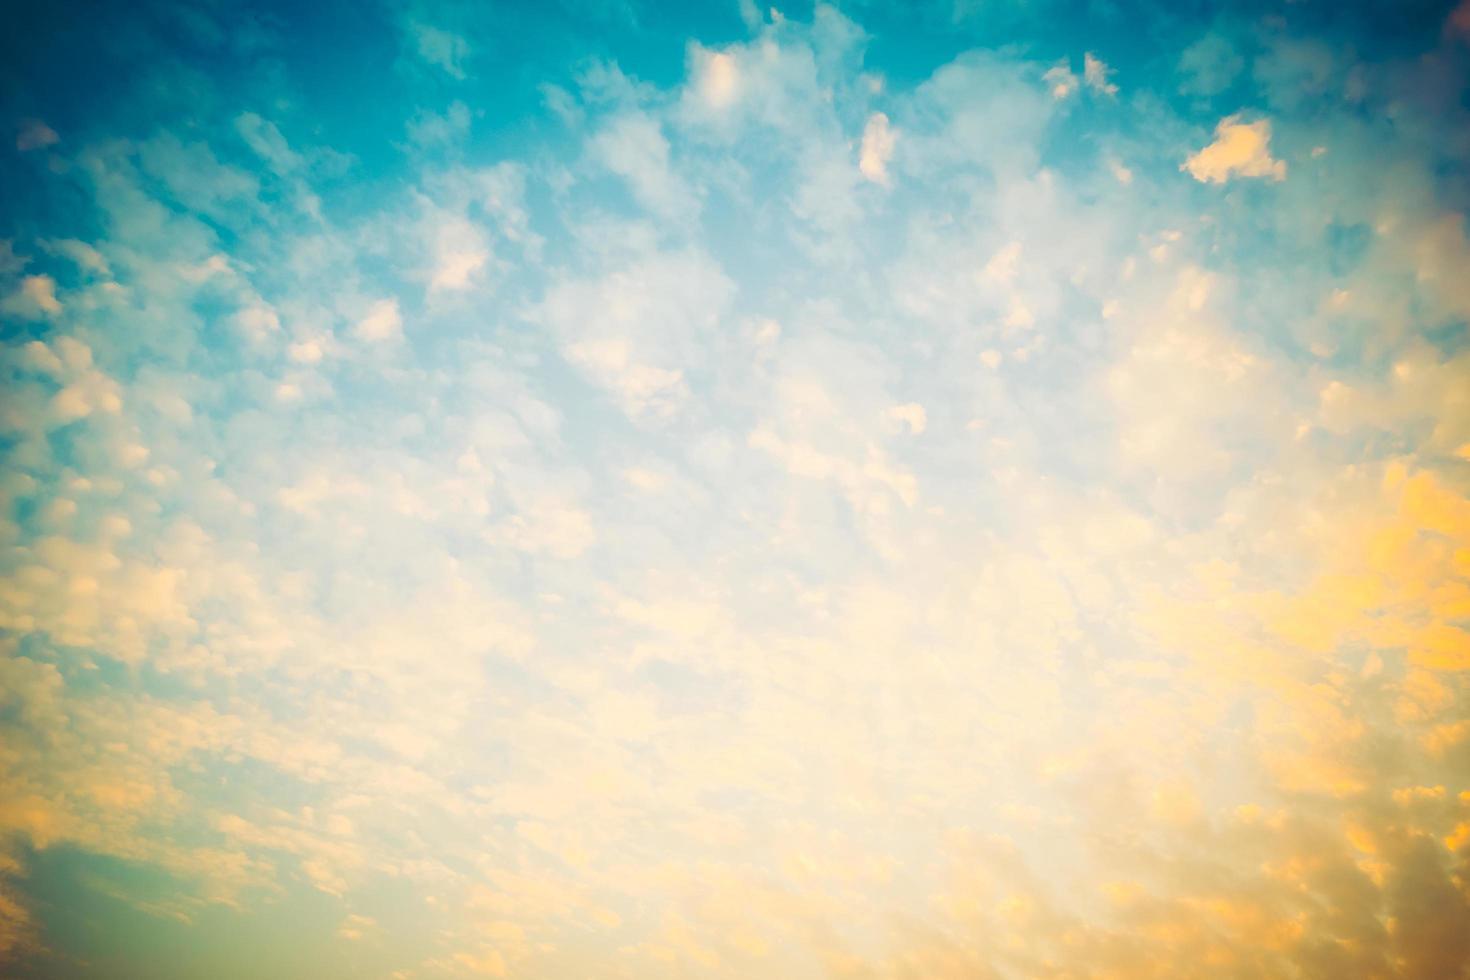 nuage vintage sur fond de ciel photo